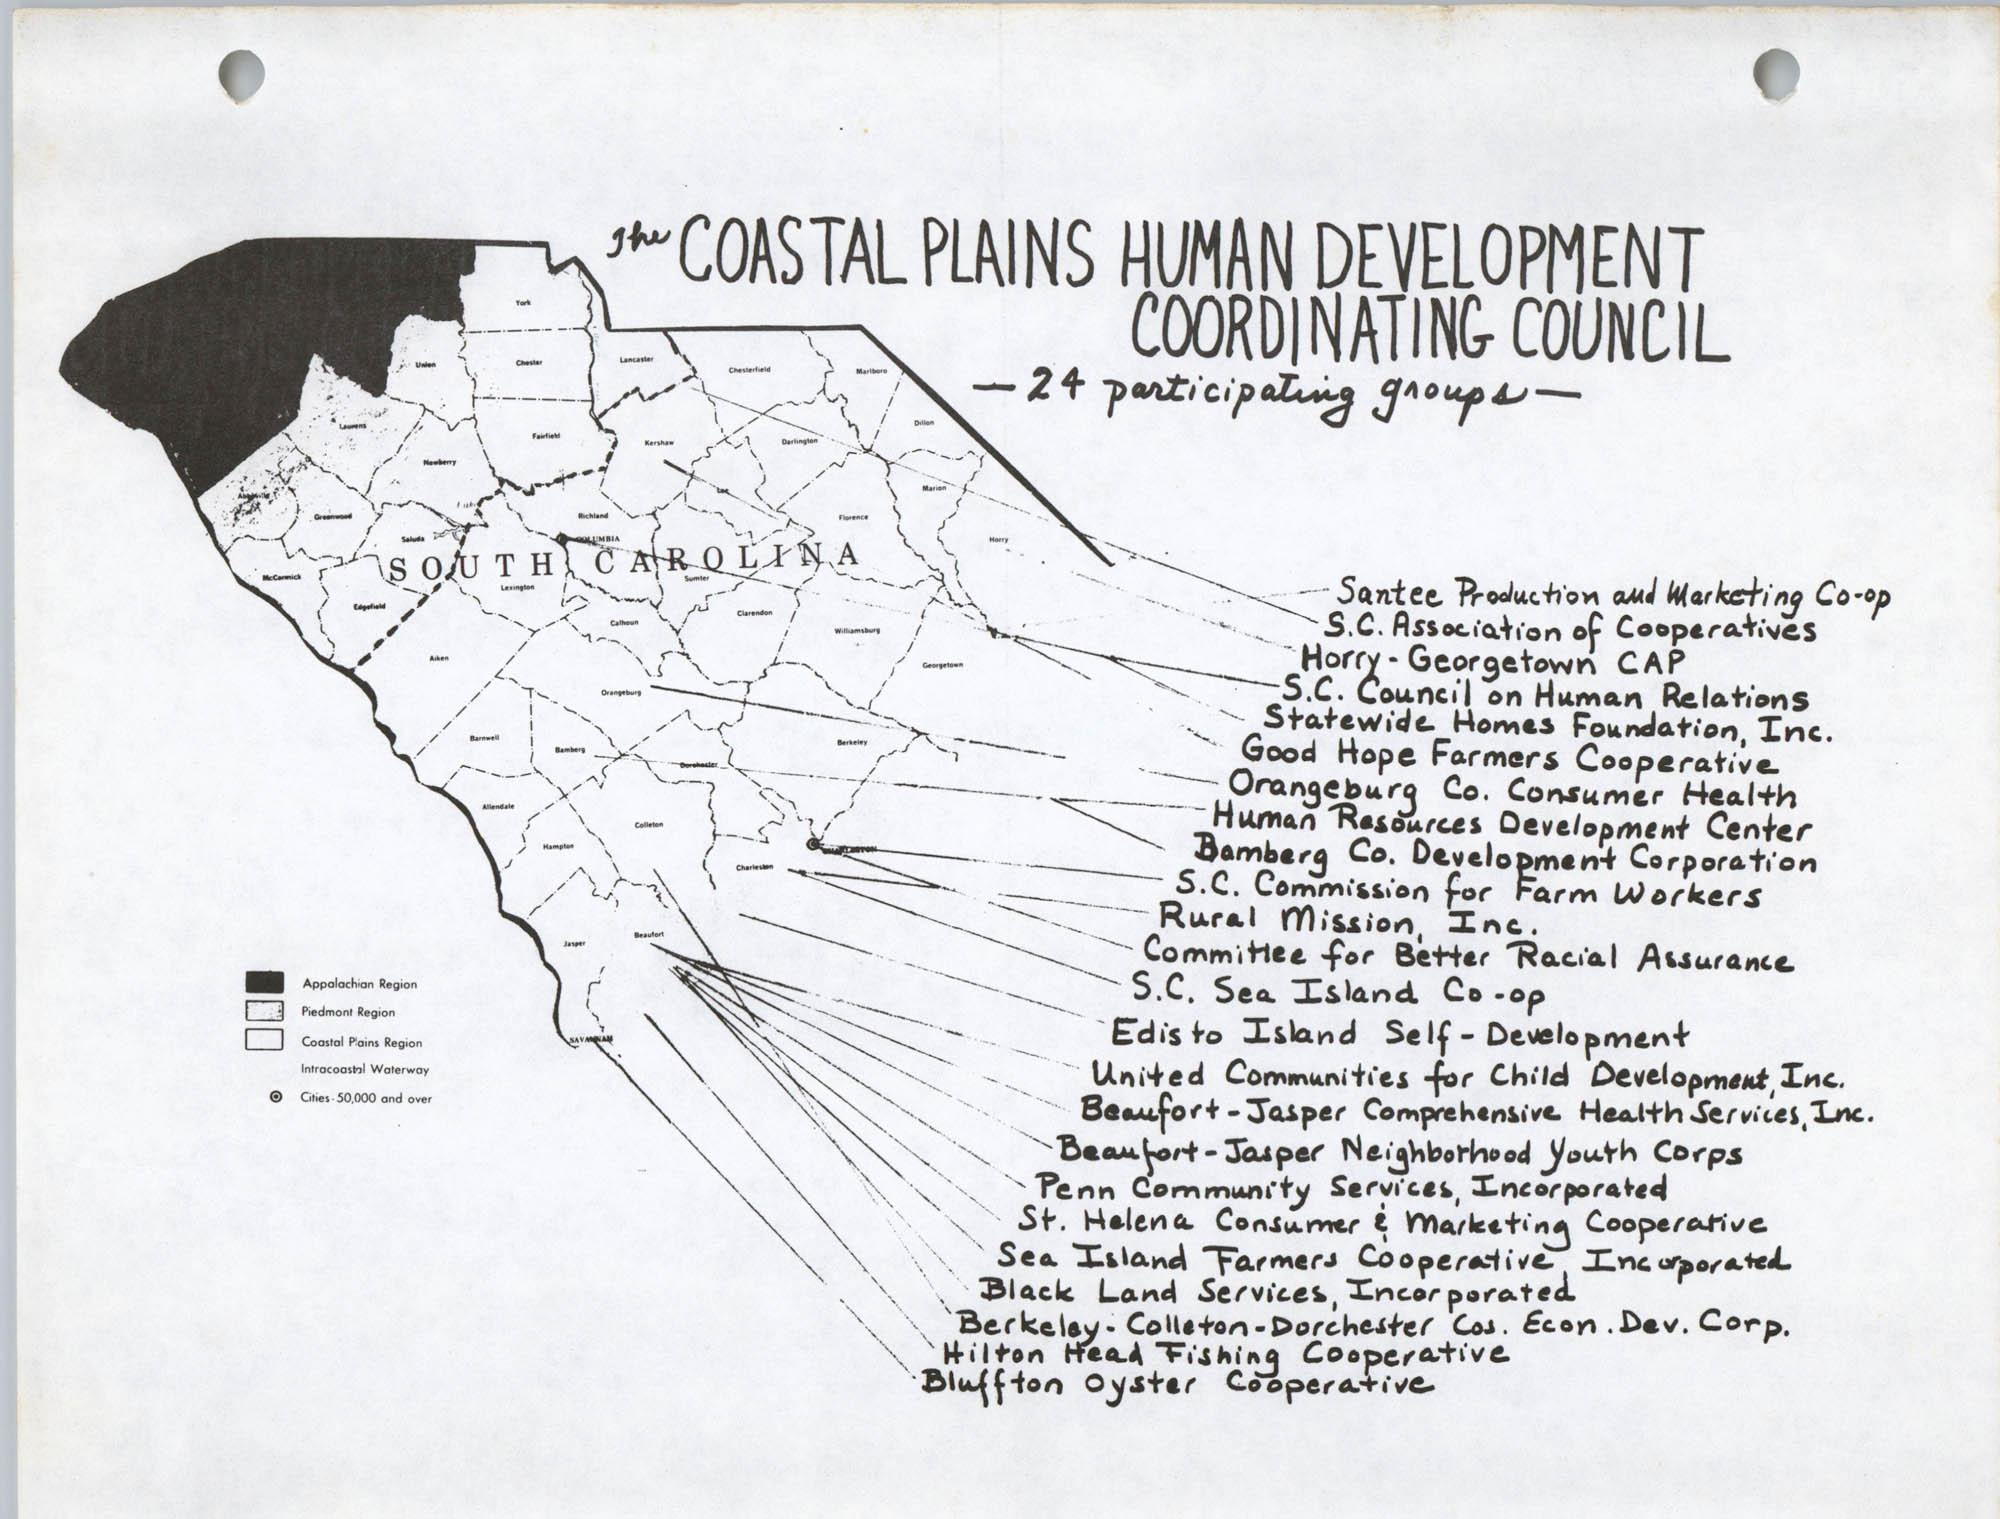 Coastal Plains Human Development Coordinate Council, S. C. Map